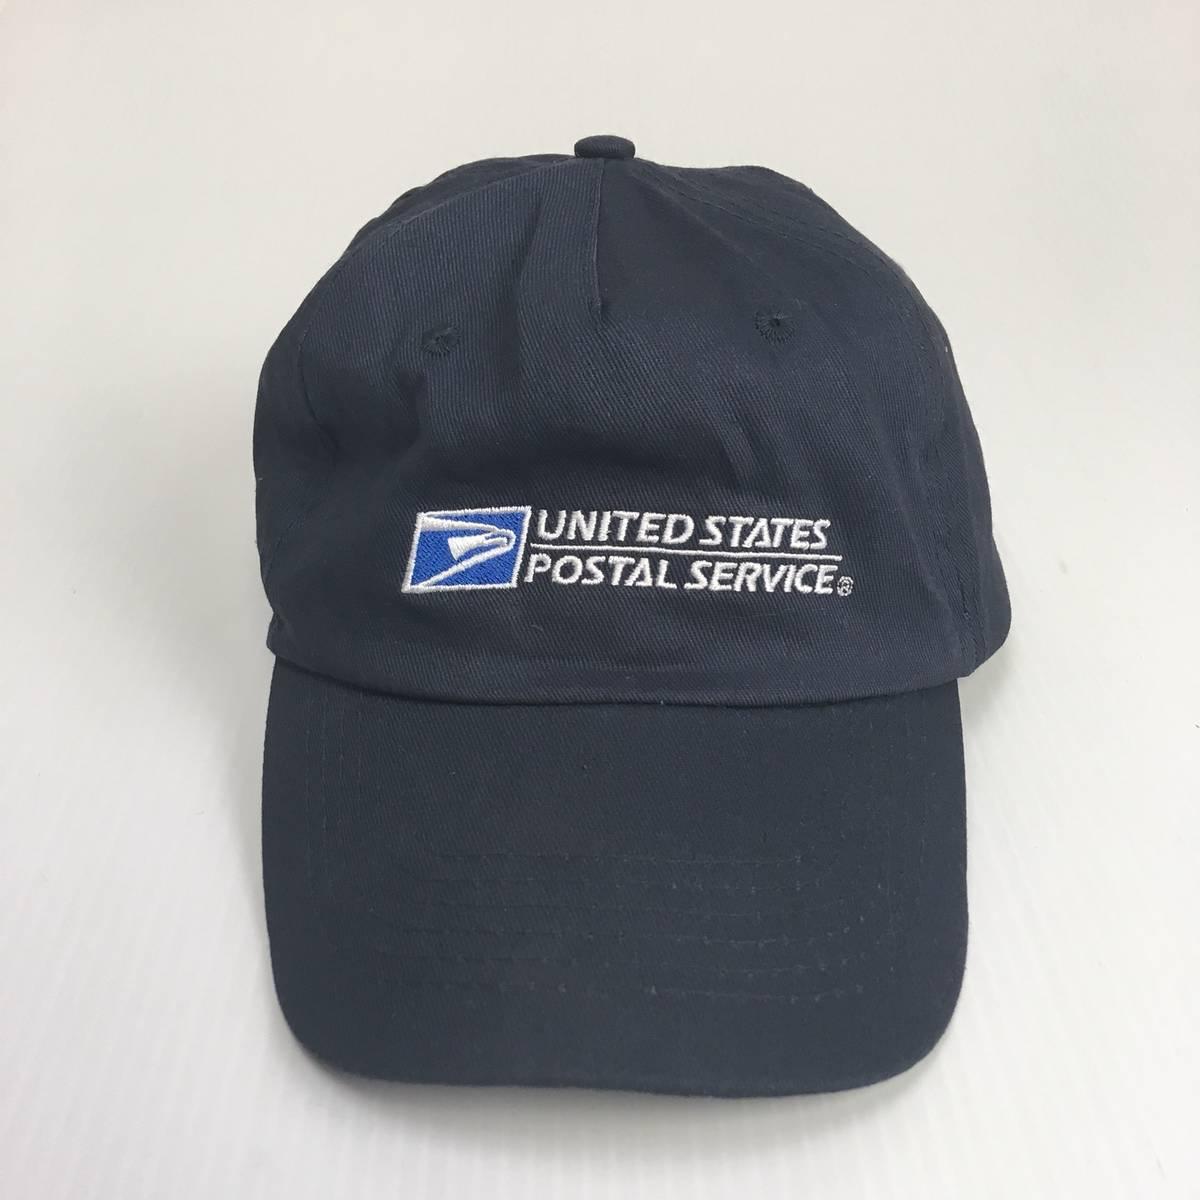 Vintage Vintage USPS Dri Fit Hat Size one size - Hats for Sale - Grailed 162474e247a